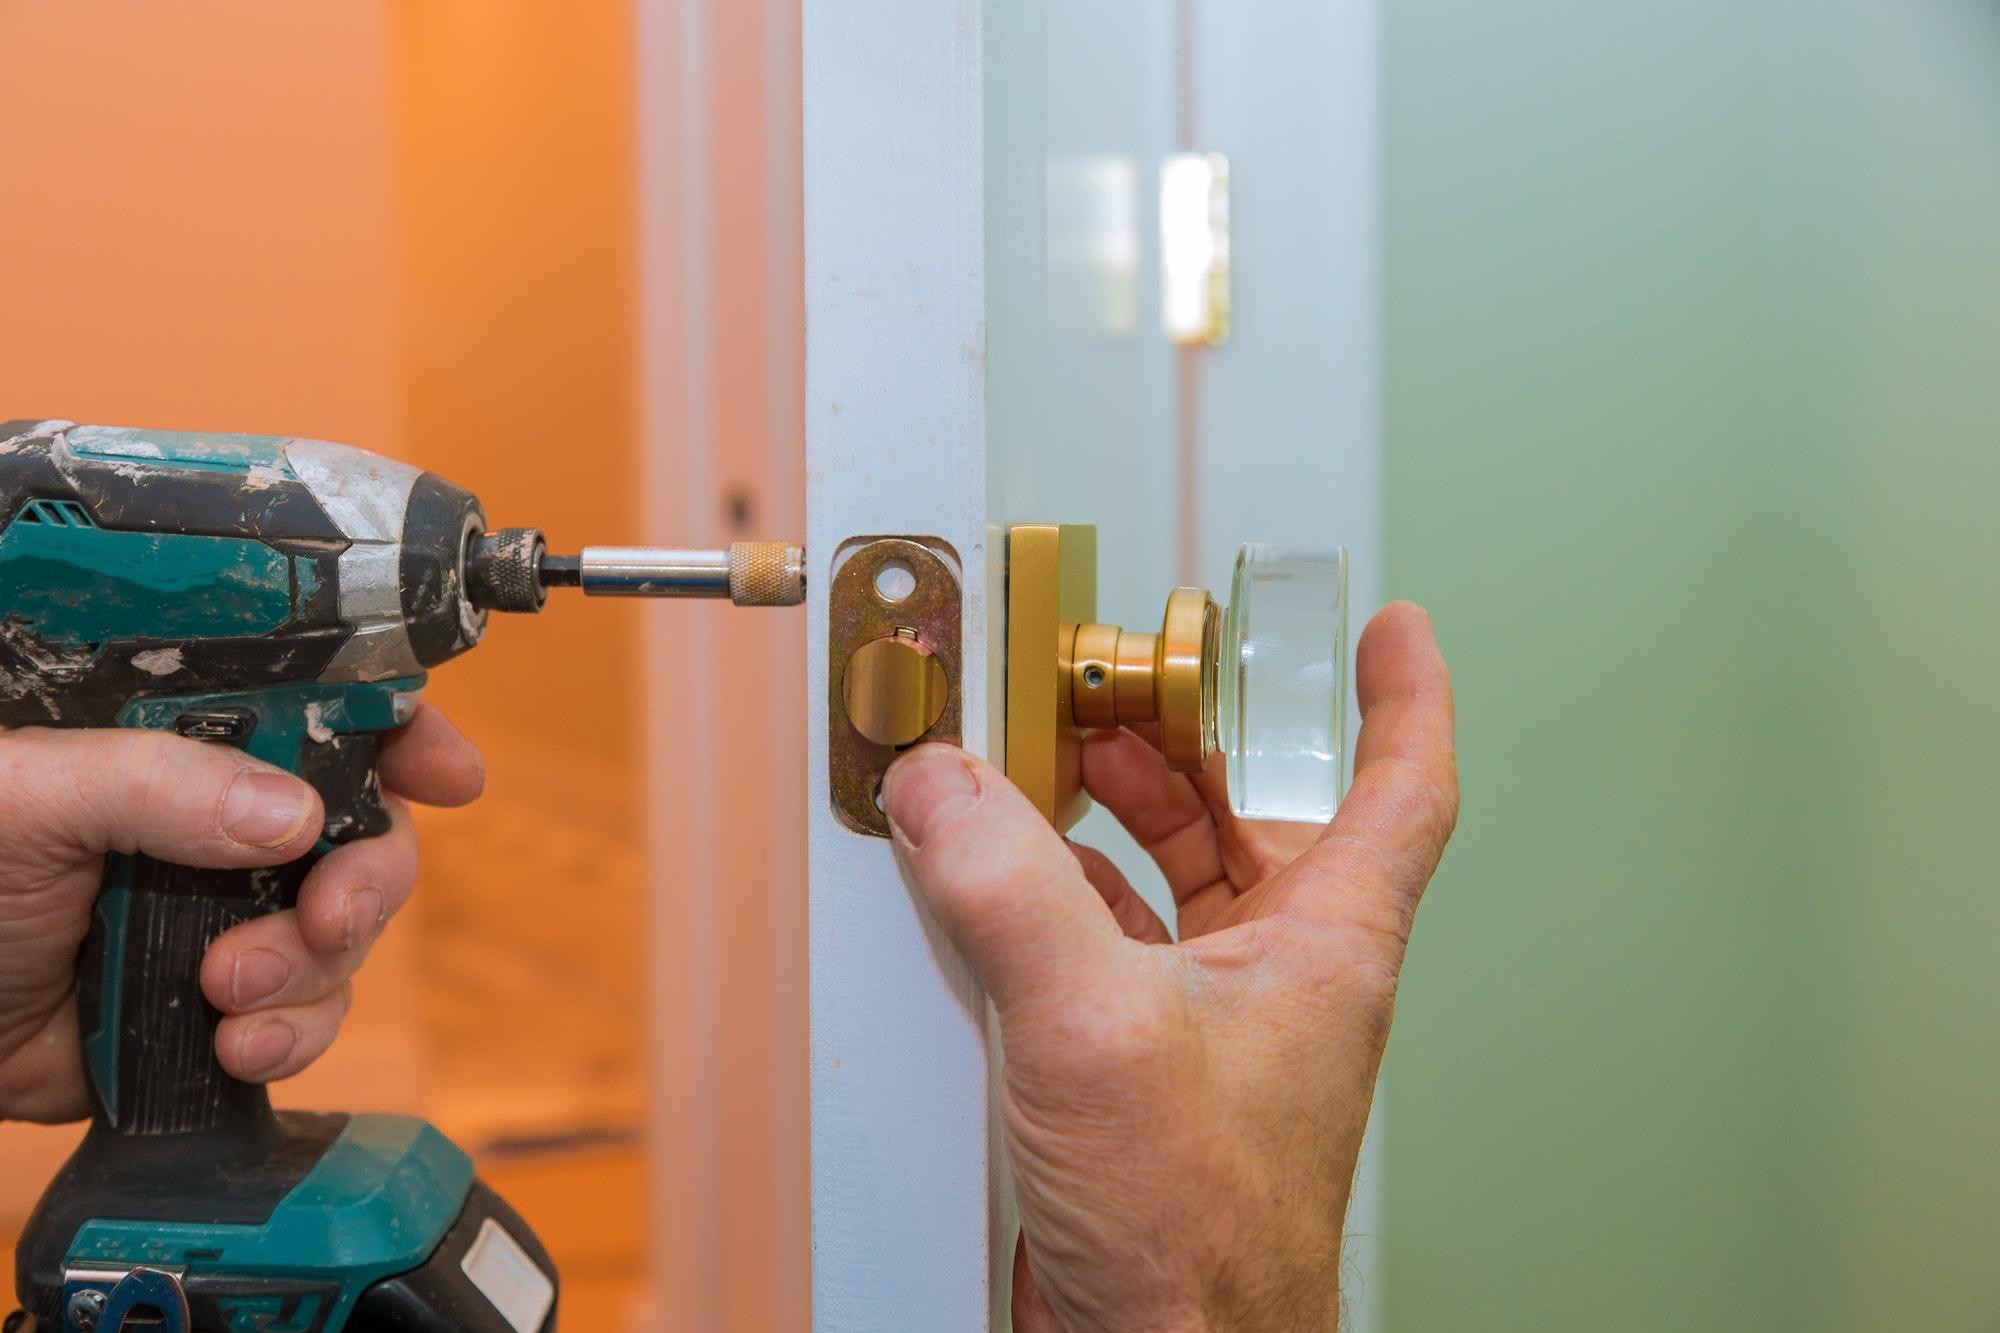 Låsesmed priser, hvad koster en montering af lås? Hvad koster endelig en låse og montering af lås?